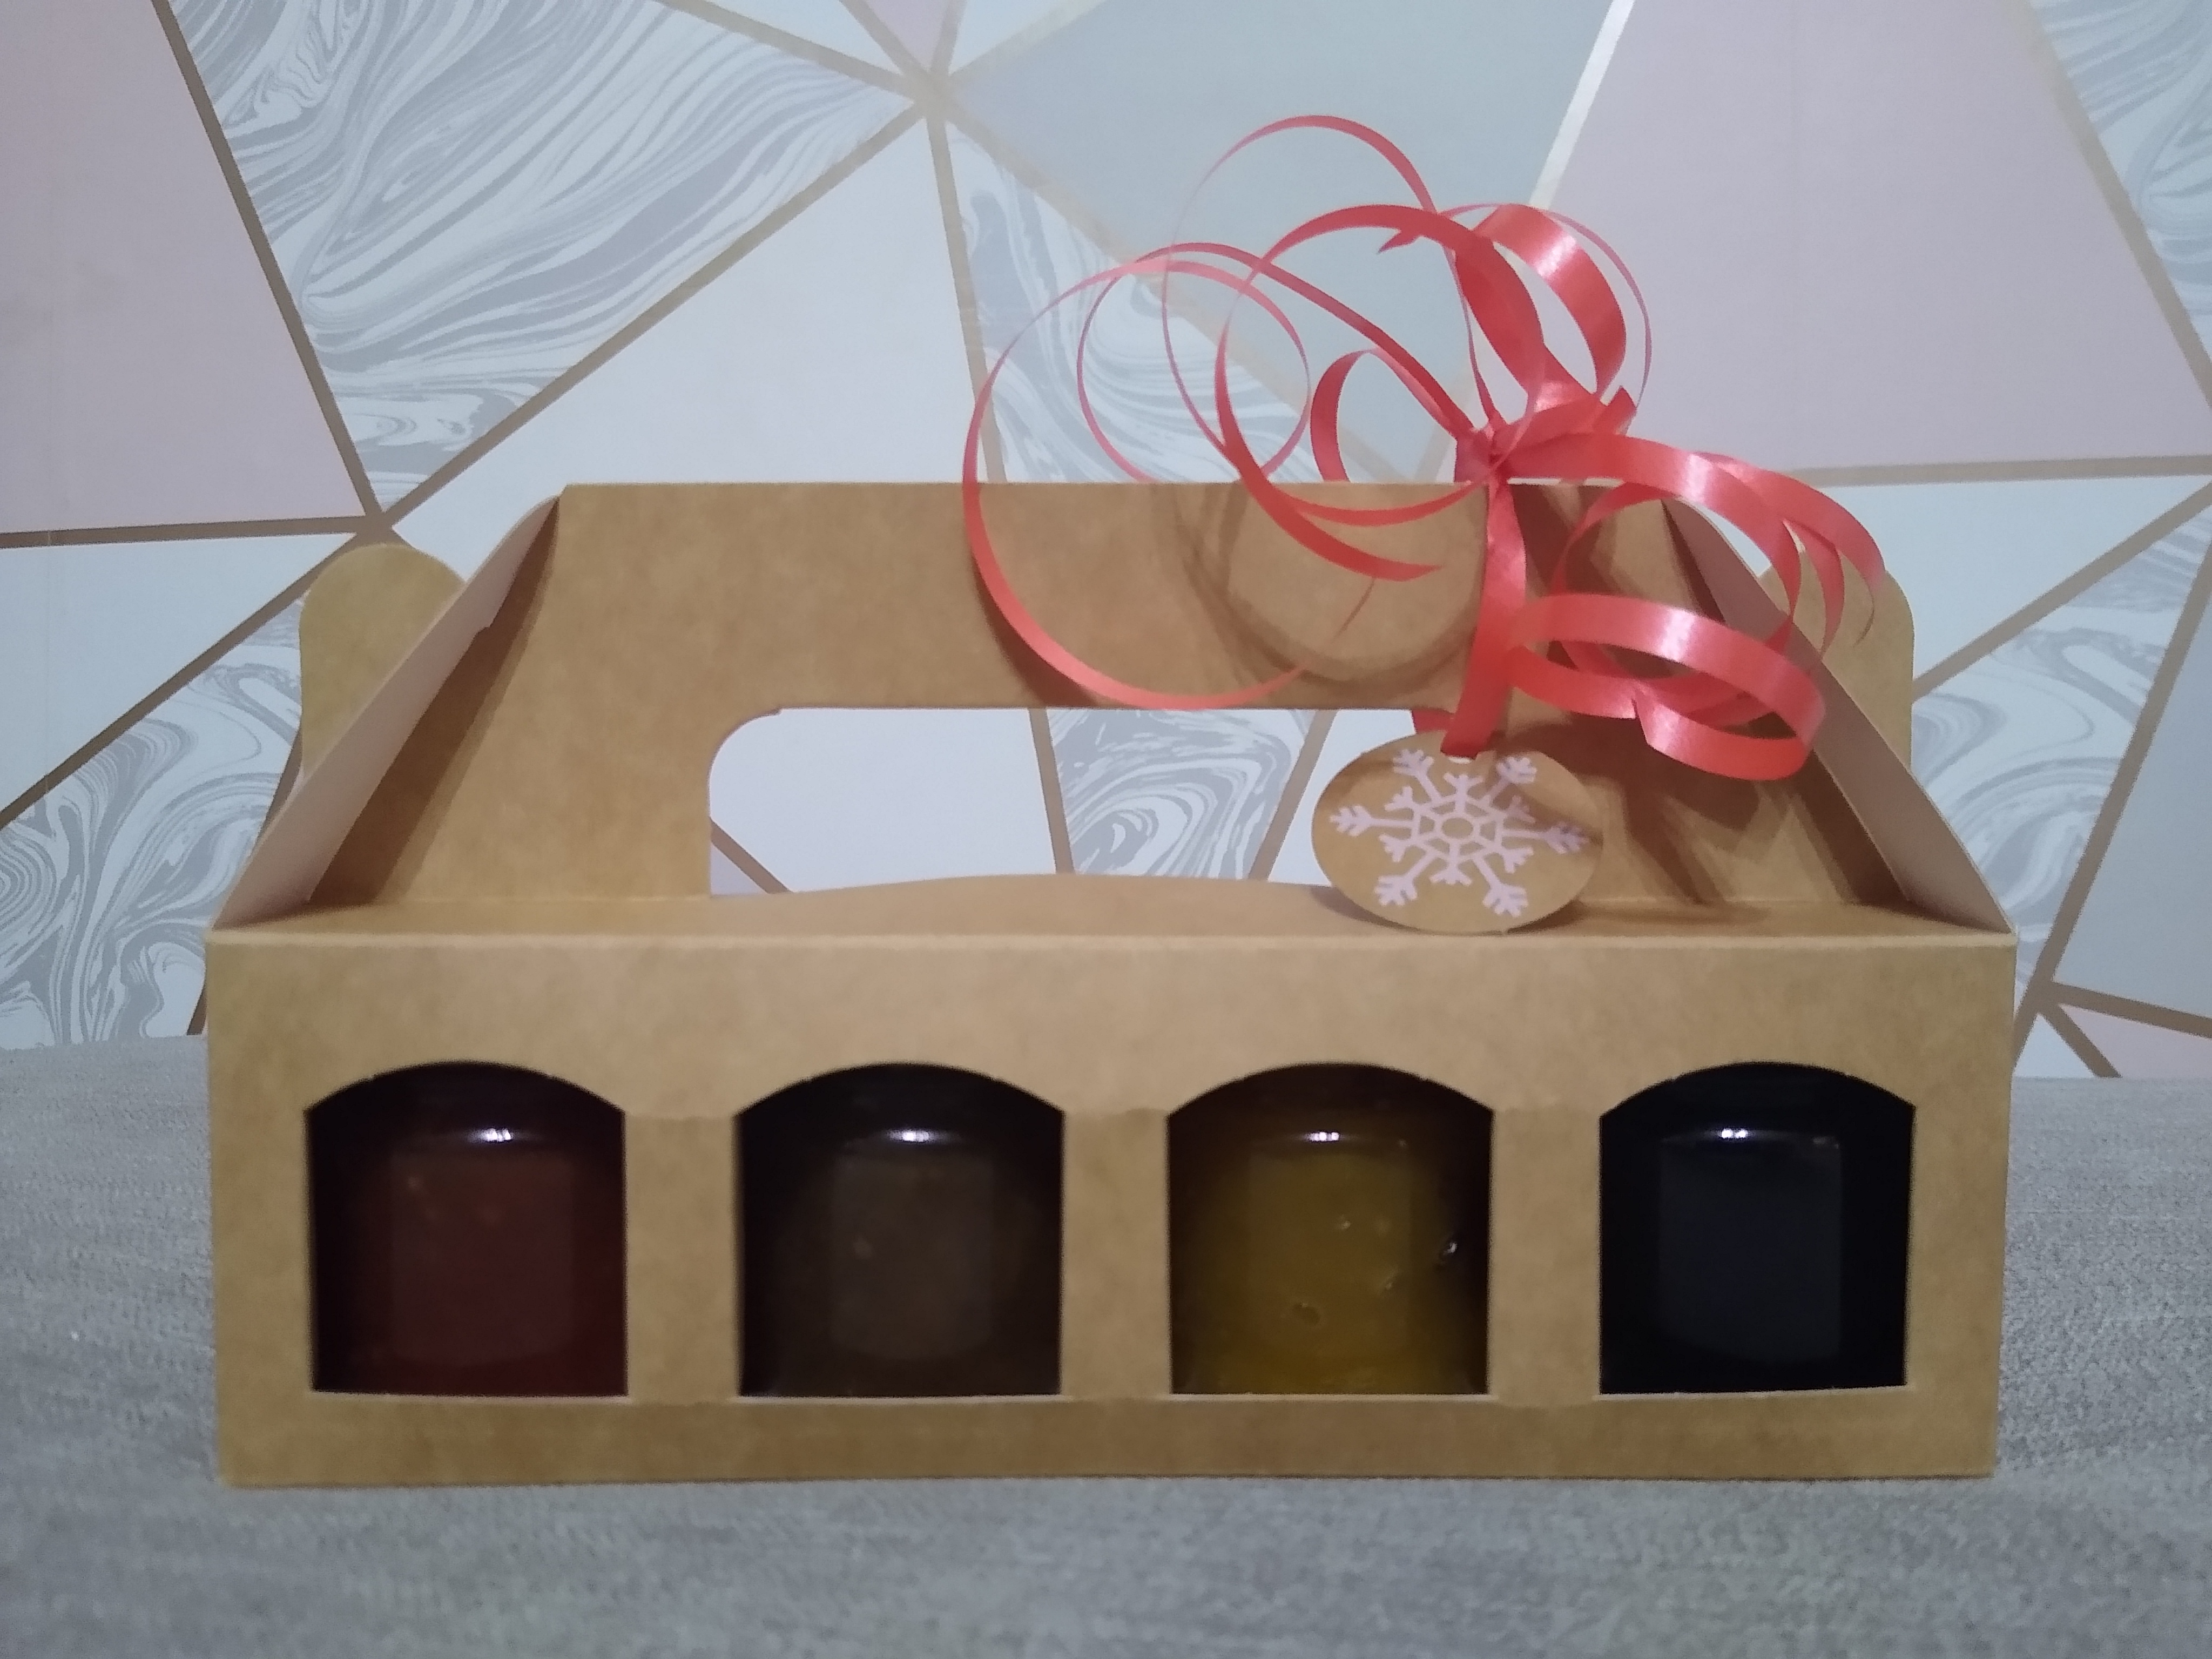 4 x ~50g Mini Jar Christmas Gift Set